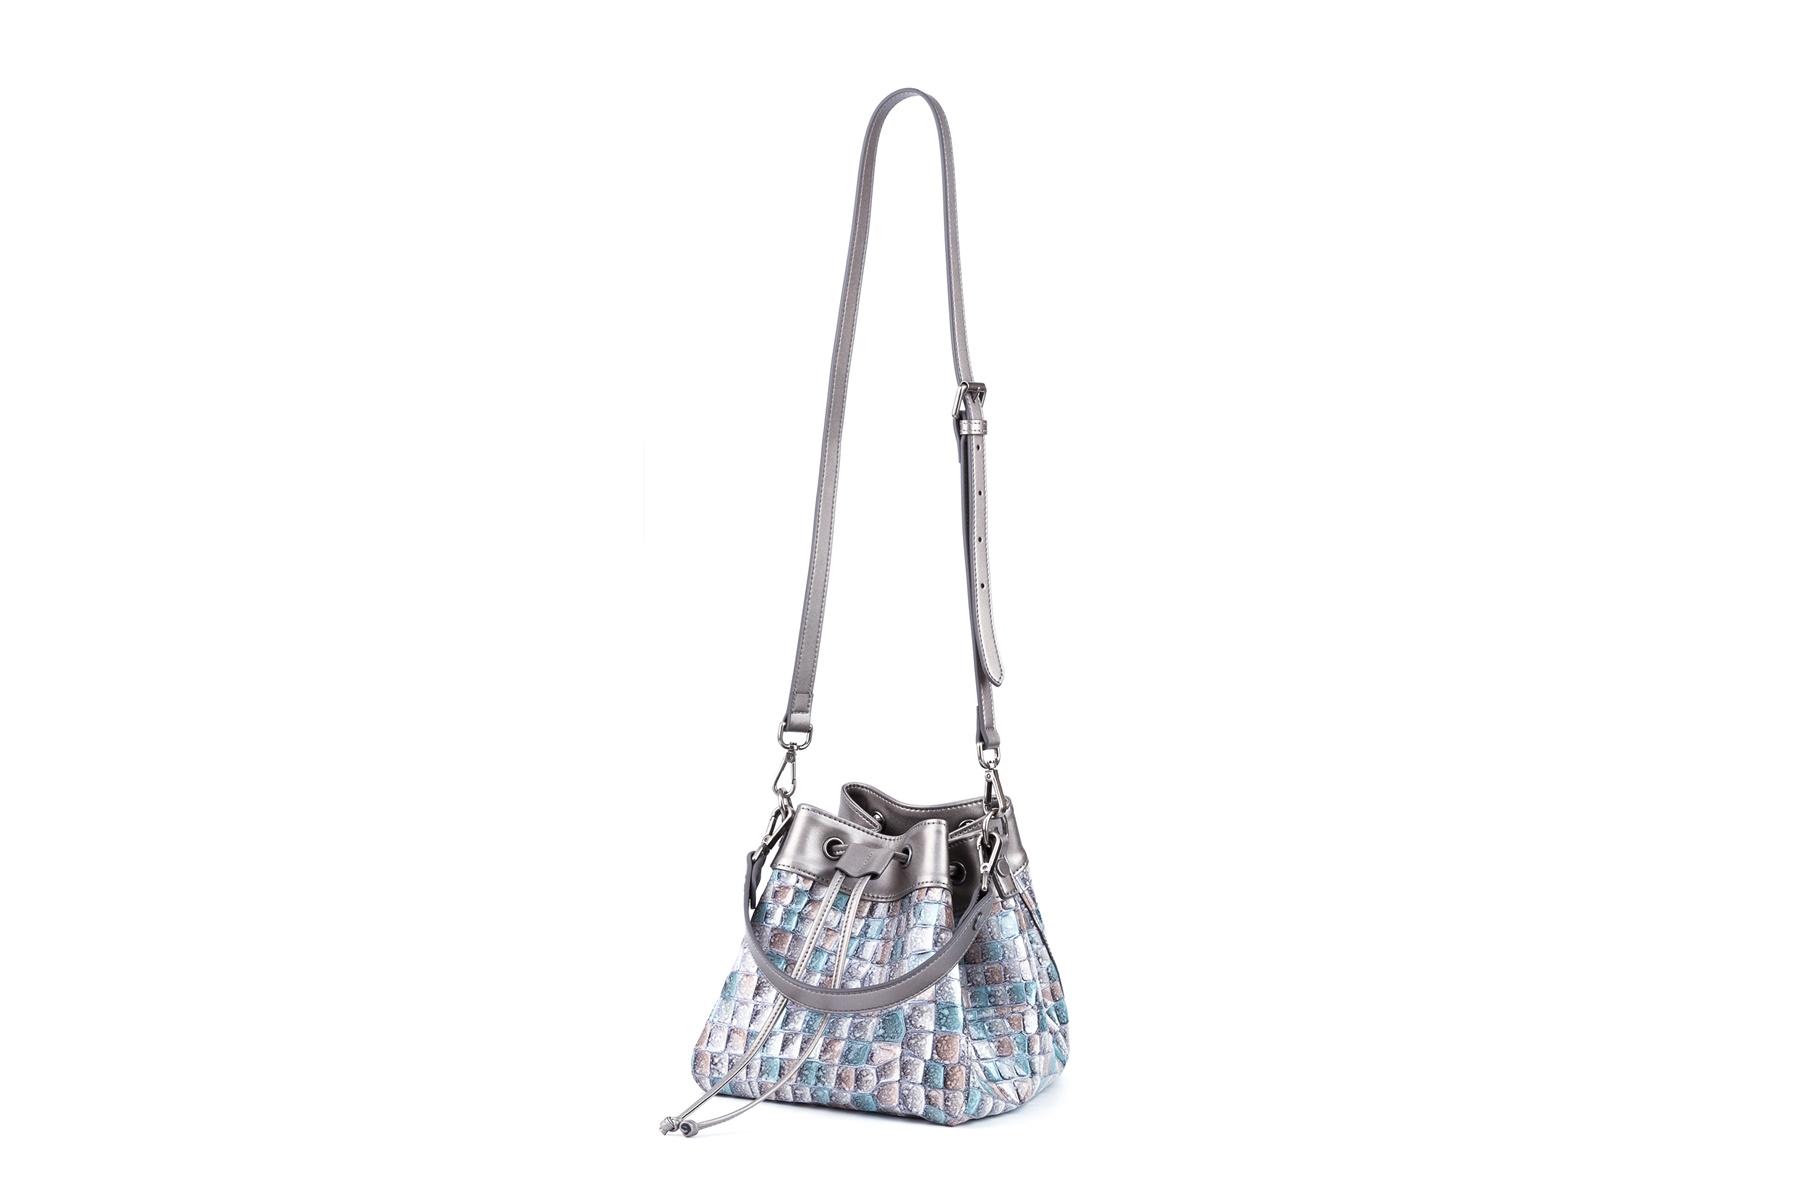 GF bags-Best Shoulder Bags Online Ladies Small Shoulder Bags - GF Bags-6